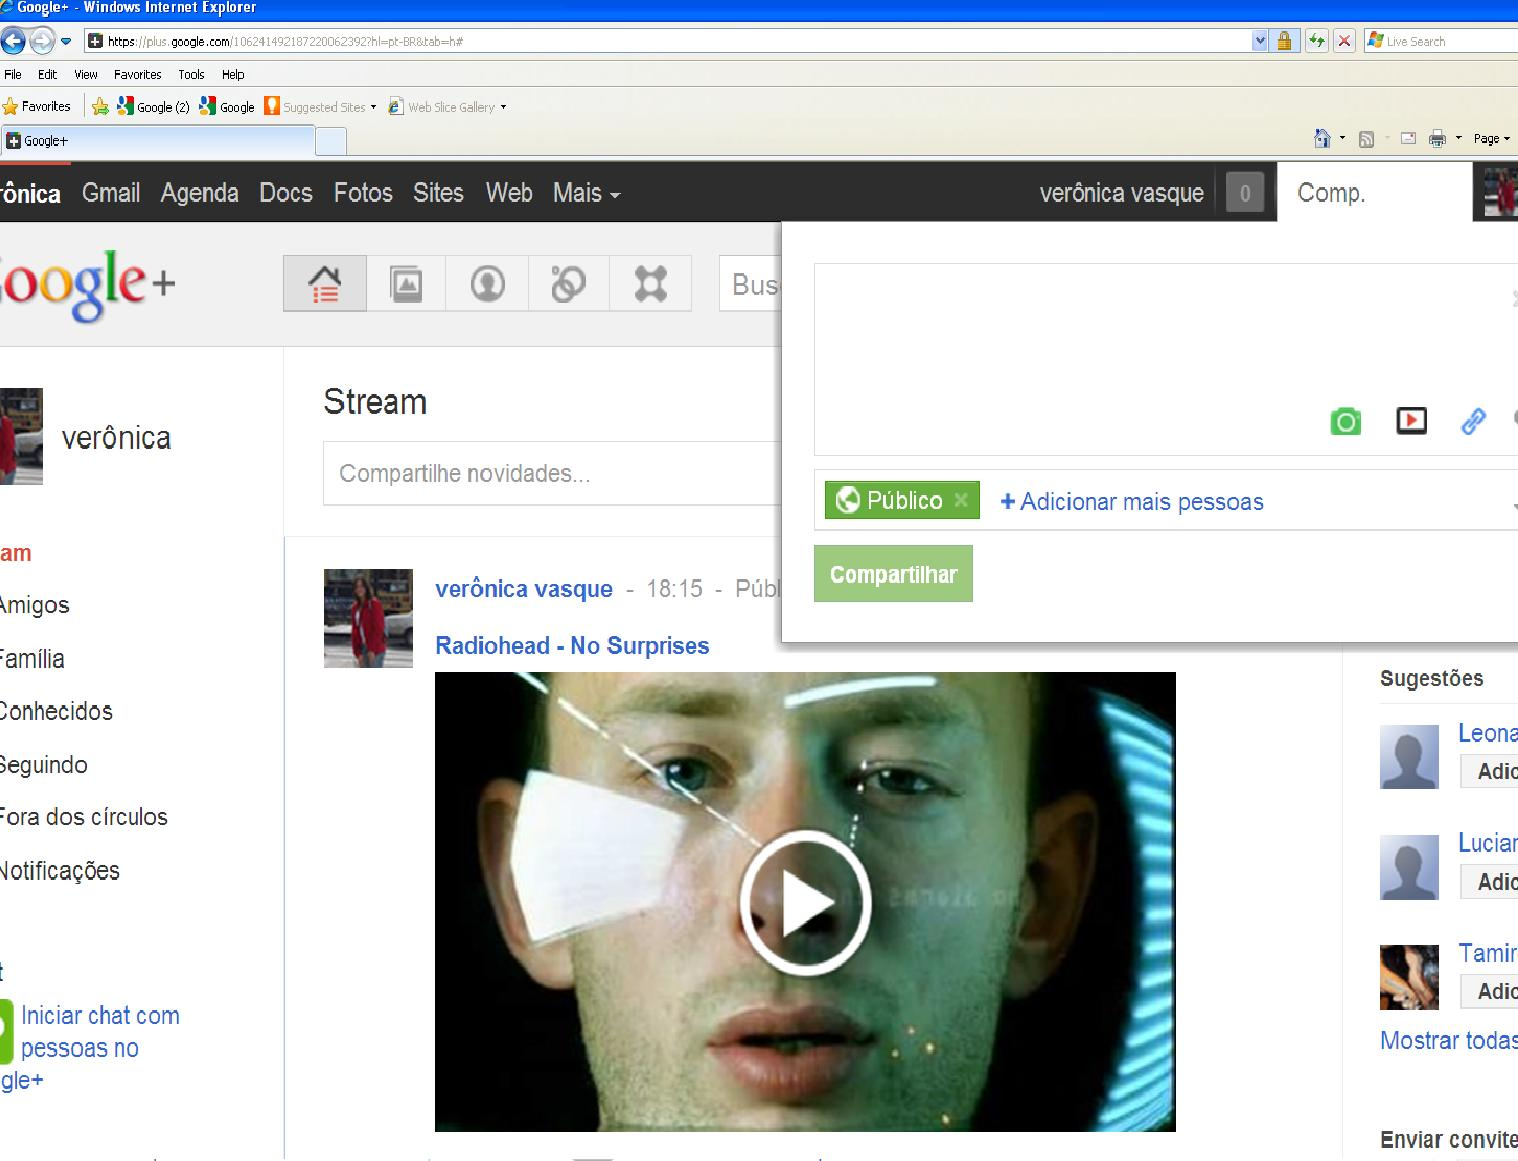 Compartilhar vídeo Google+. (Foto: Divulgação)